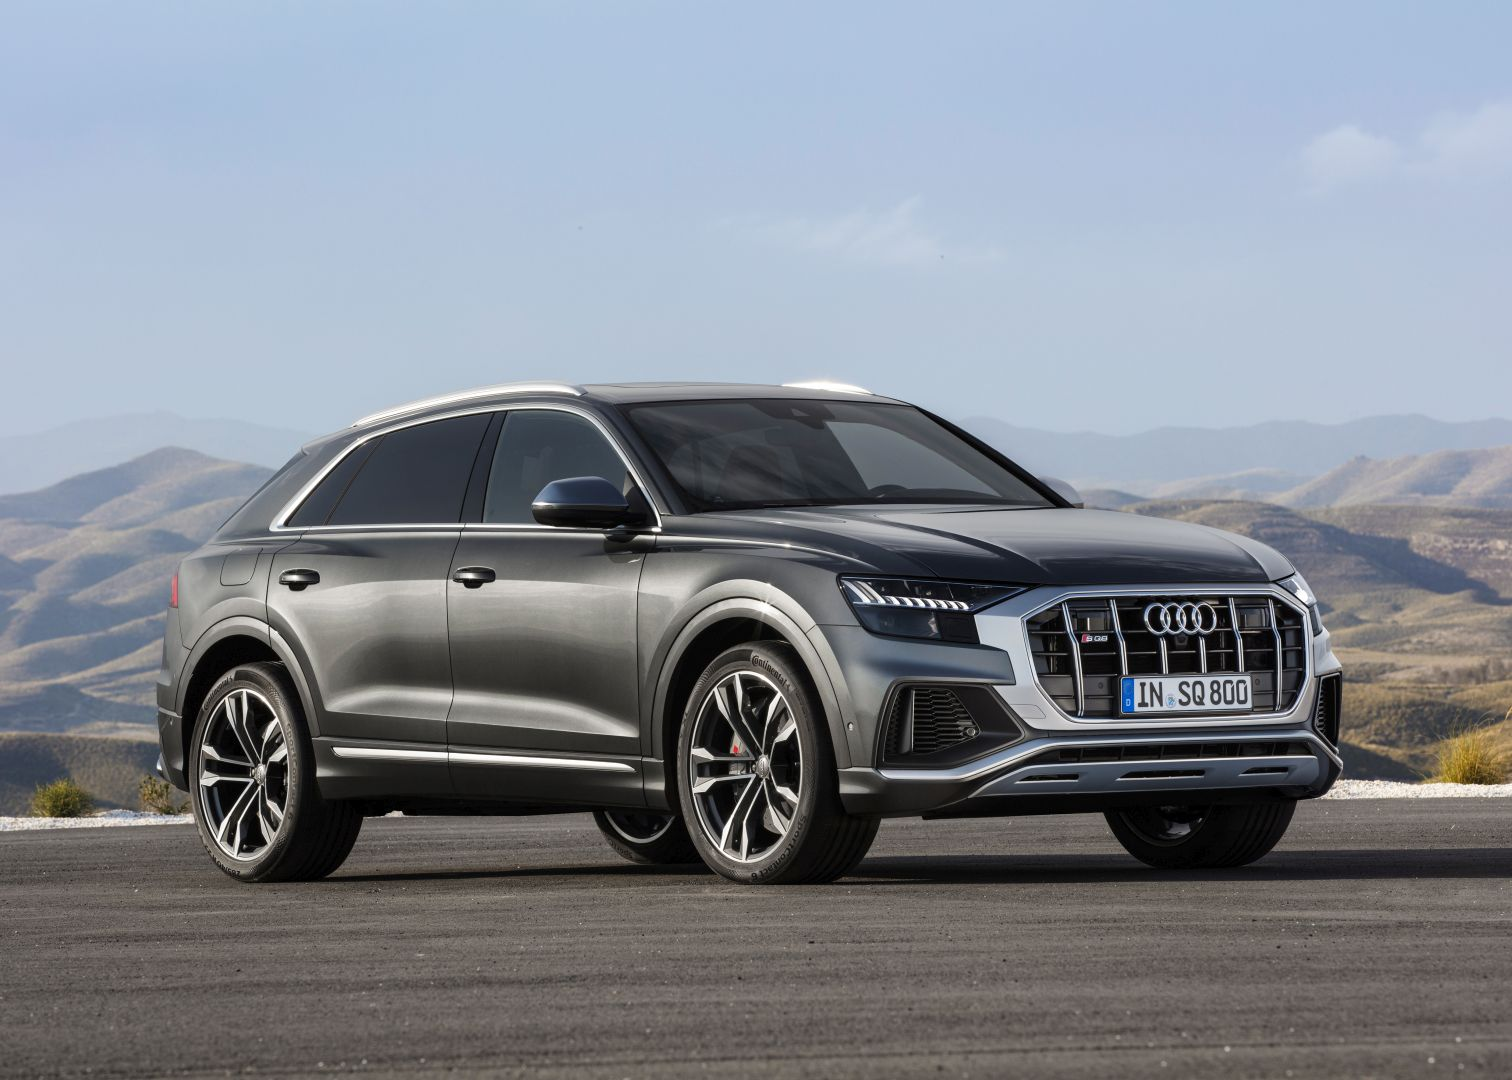 Kelebihan Audi Sq8 2019 Review